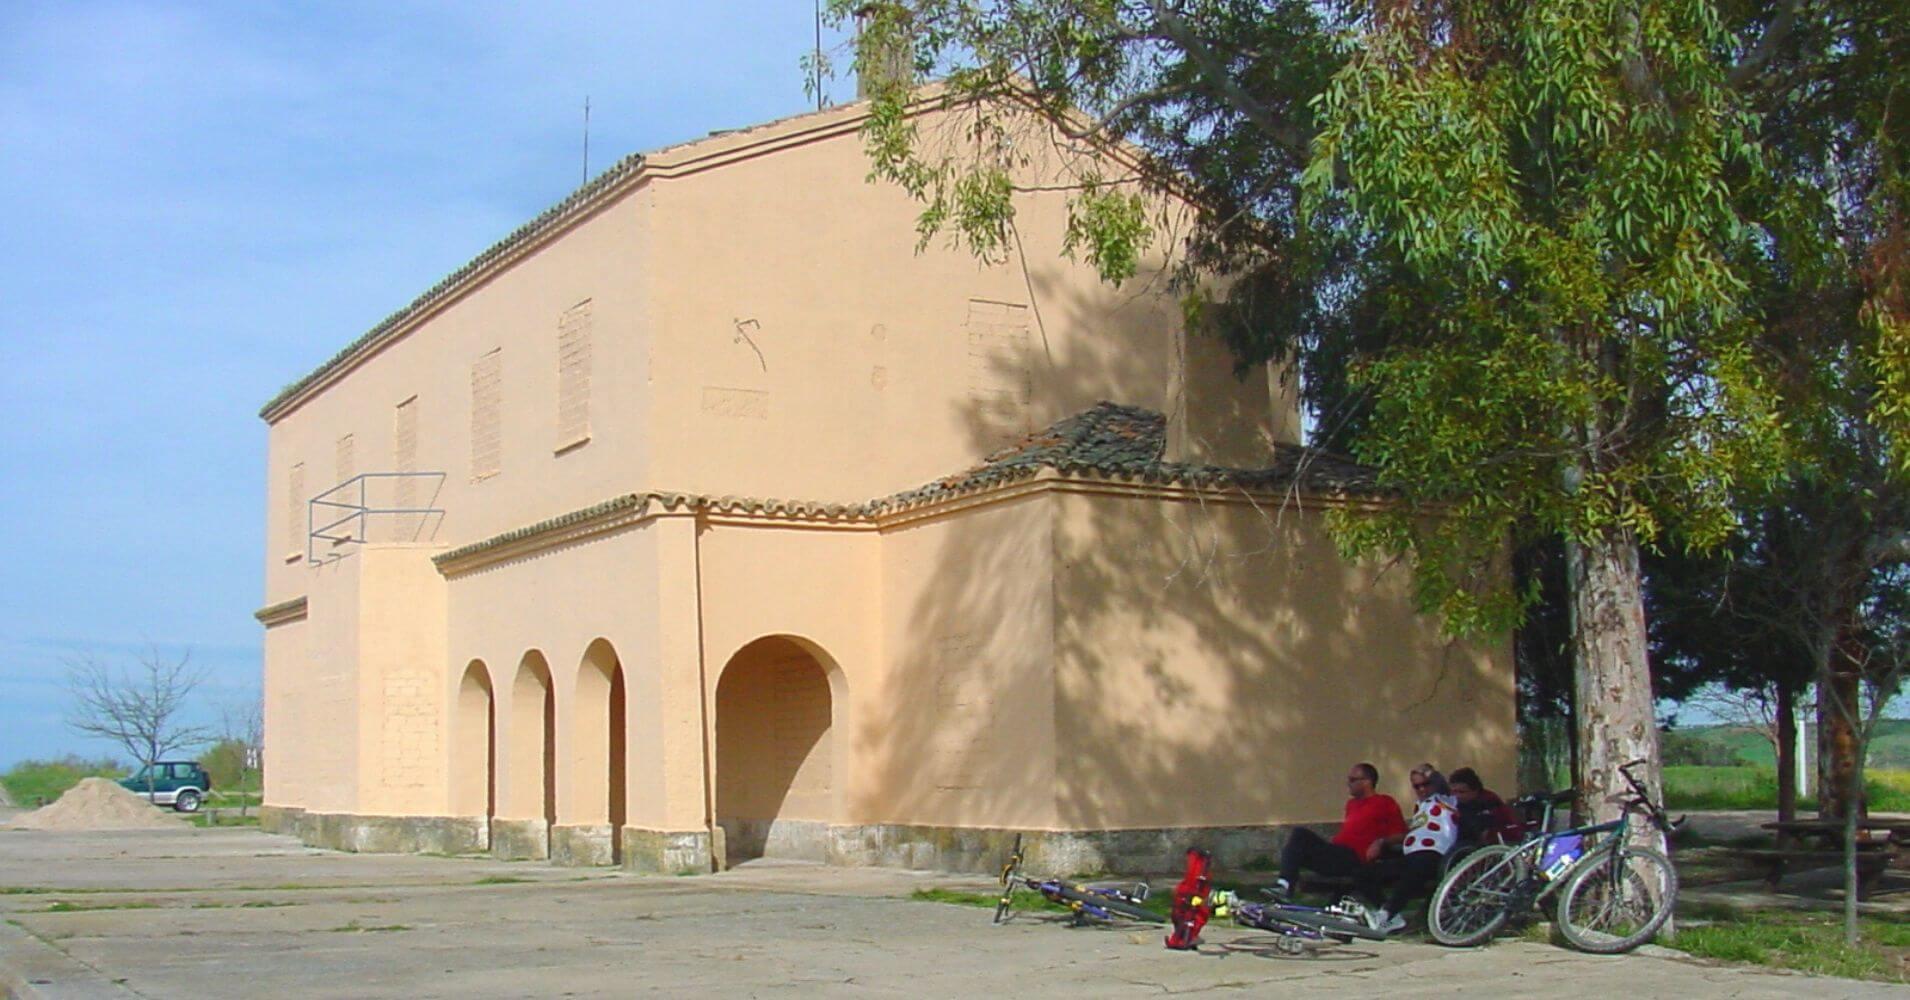 Estación de Silos. Vía Verde de la Jara. Toledo, Castilla la Mancha.